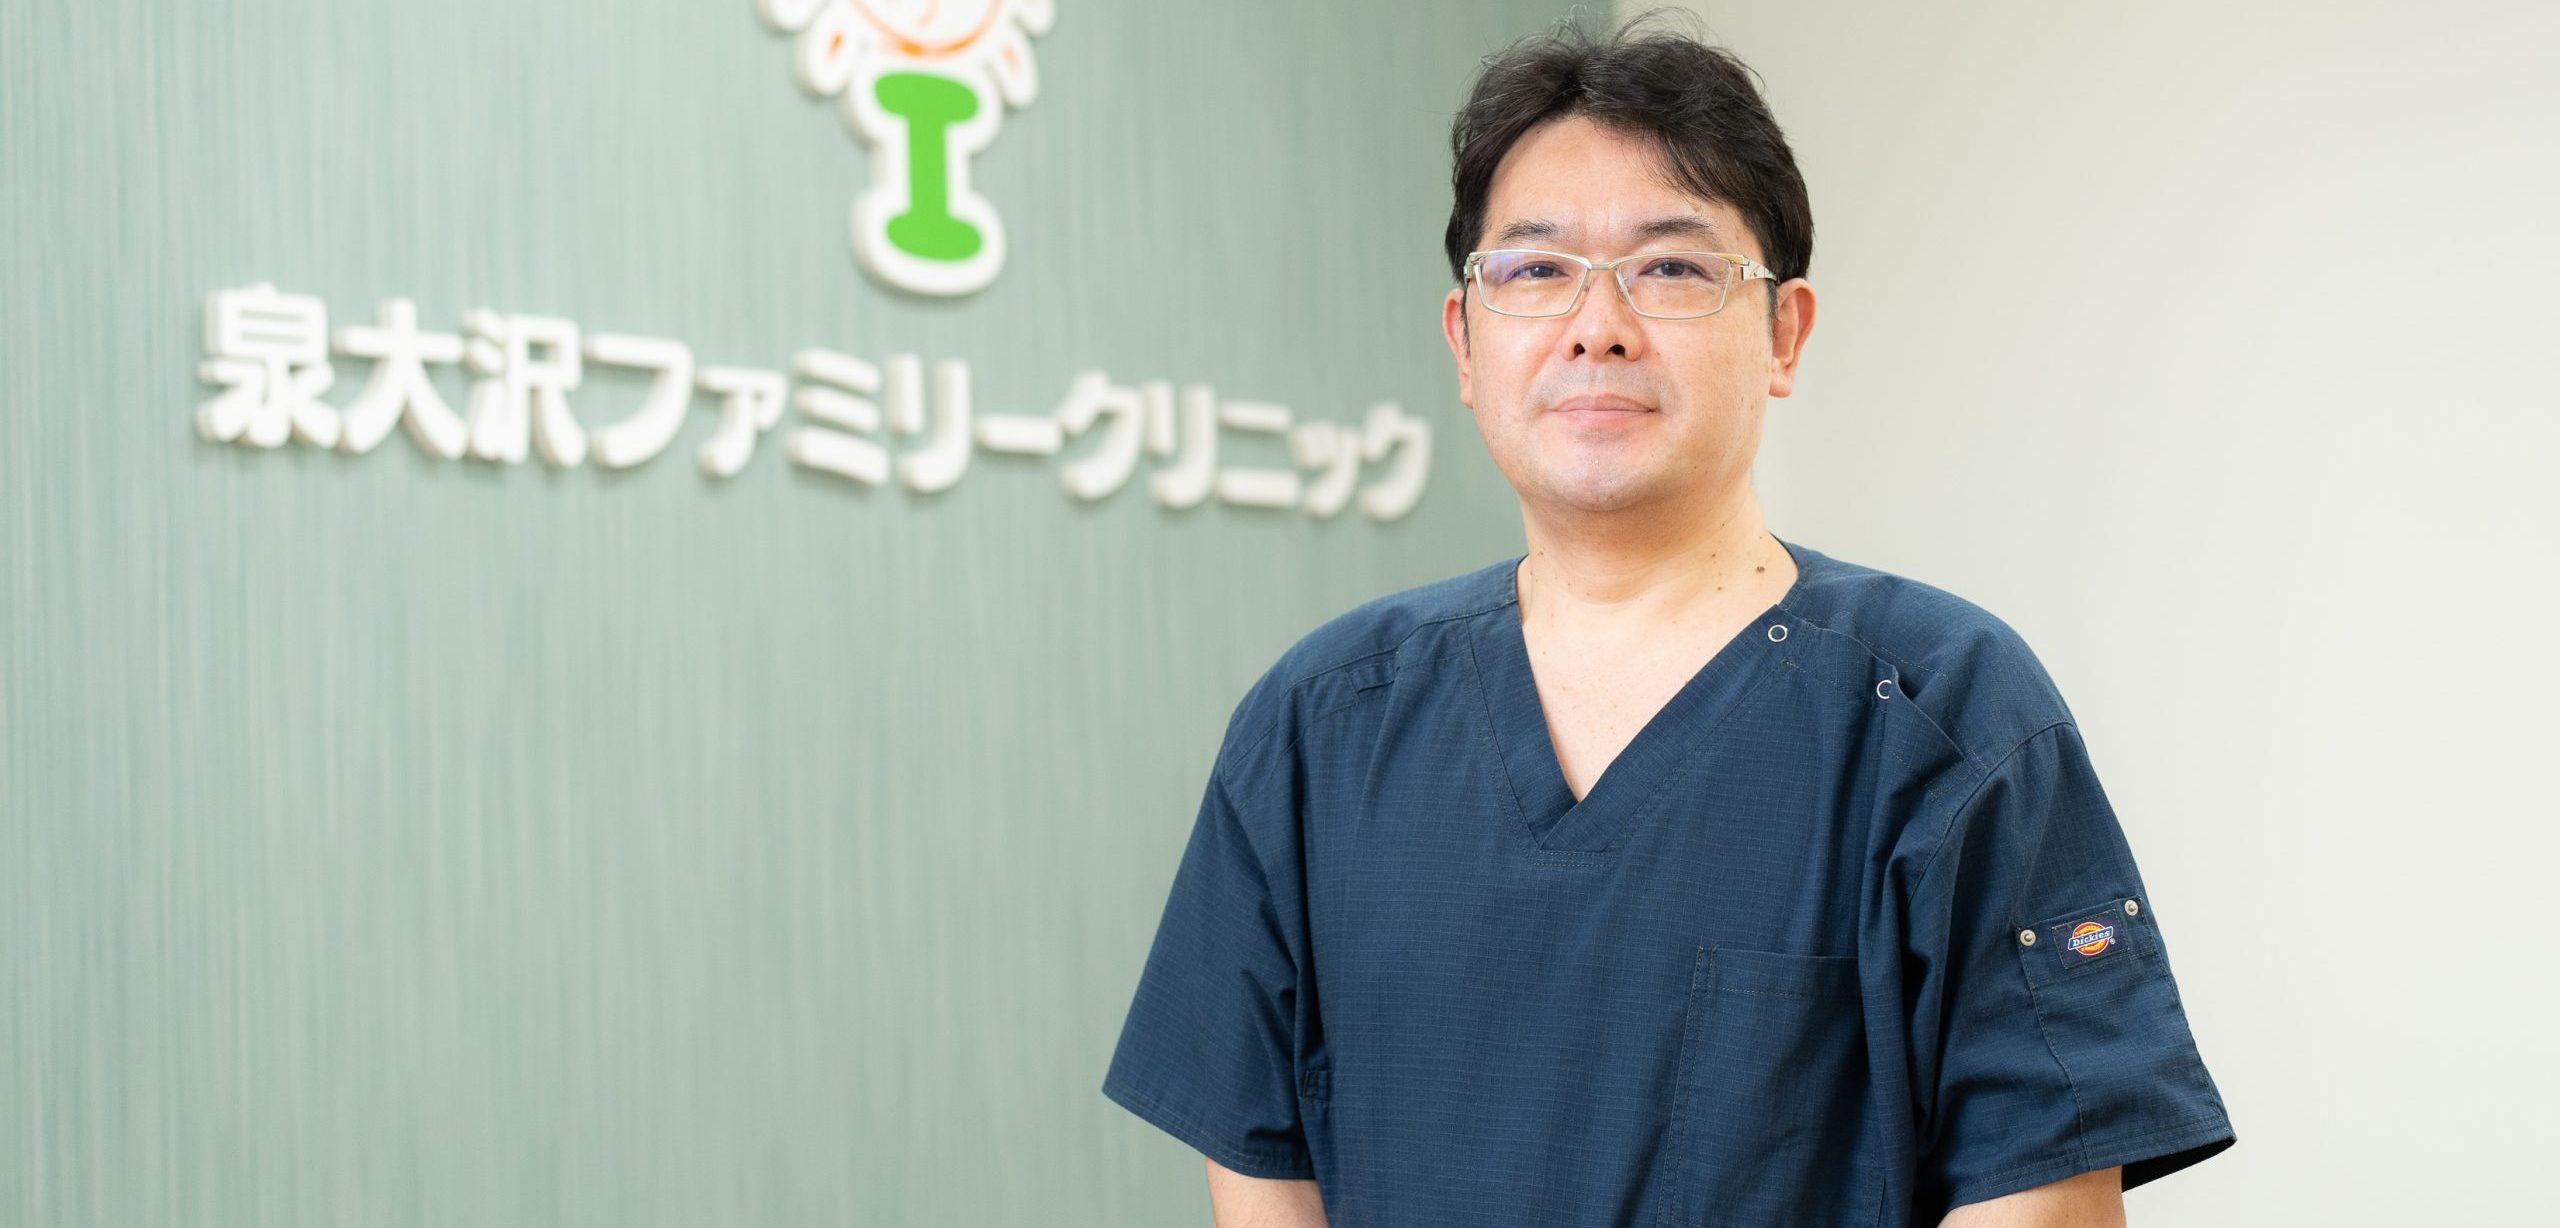 泉大沢ファミリークリニック|院長 石塚 豪